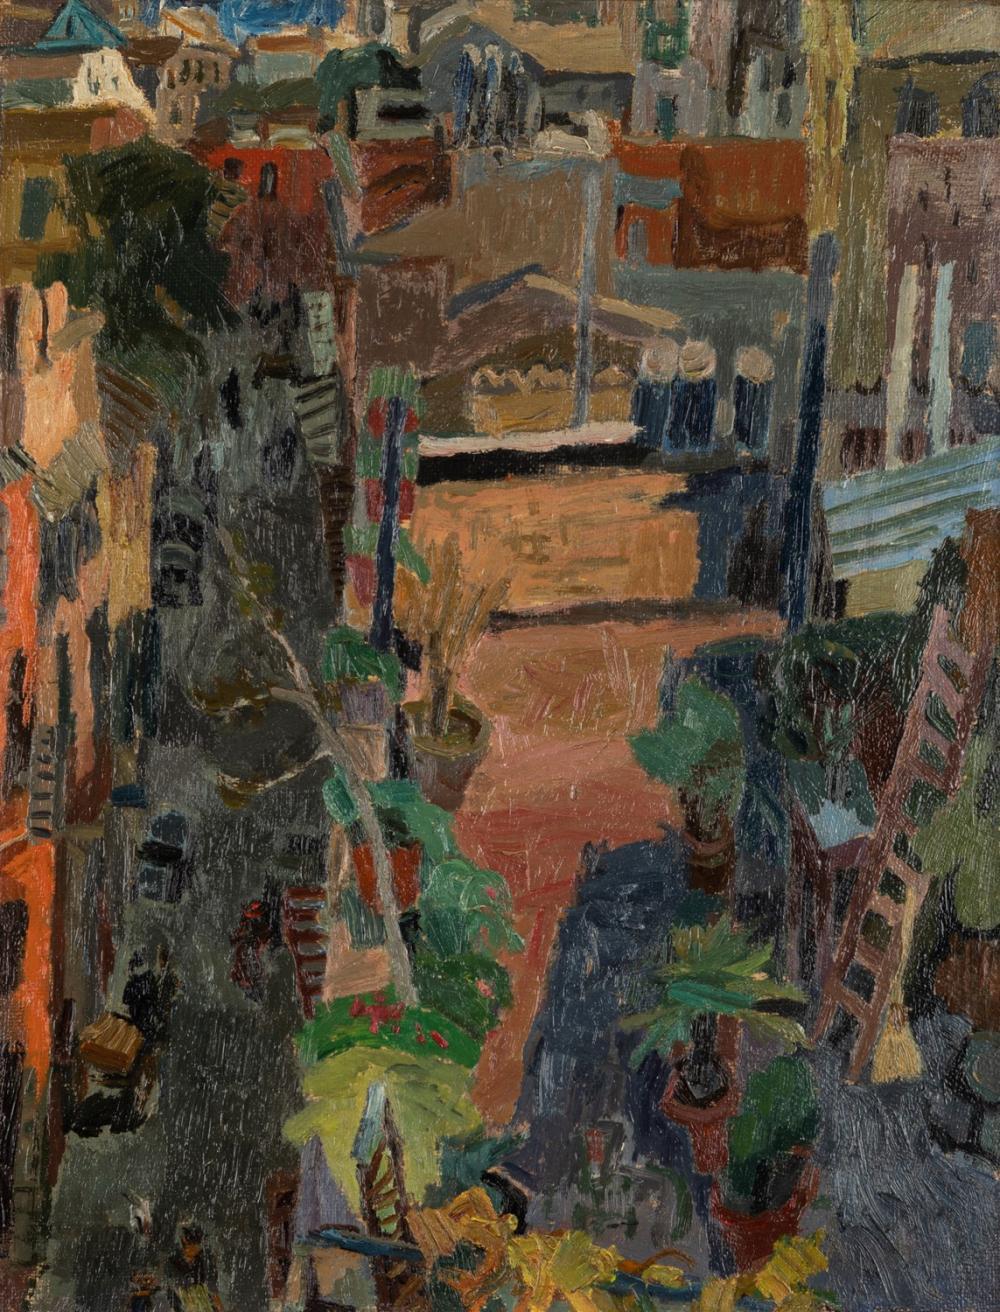 Afro Basaldella (Udine 1912-Zurigo 1976) - View of Via Margutta, 1946